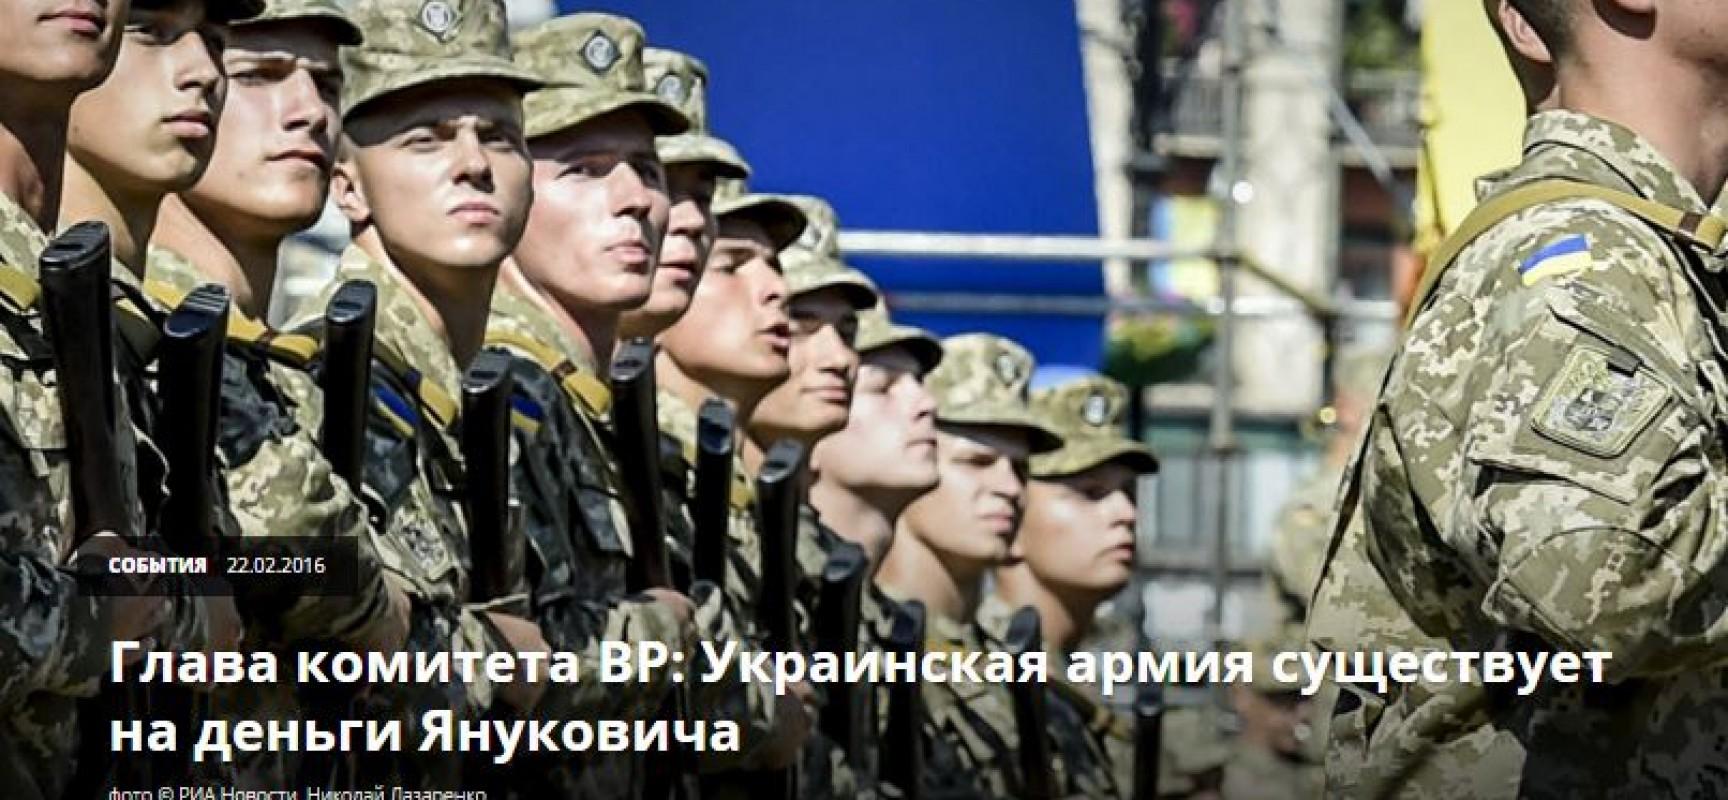 Fake : L'esercito ucraino esiste grazie ai soldi di Yanukovich